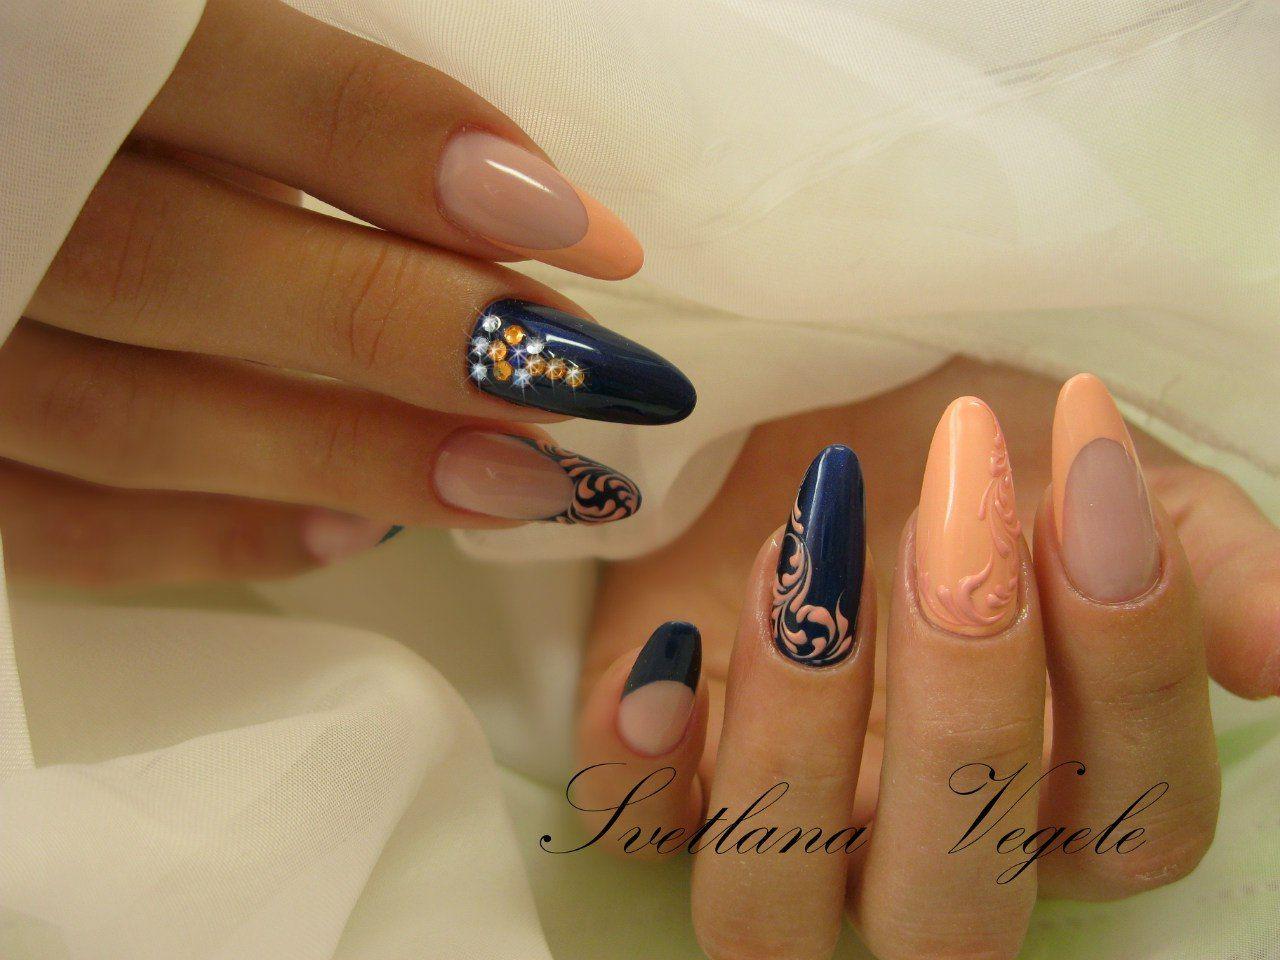 Светлана вегель фото ногтей инстаграмм